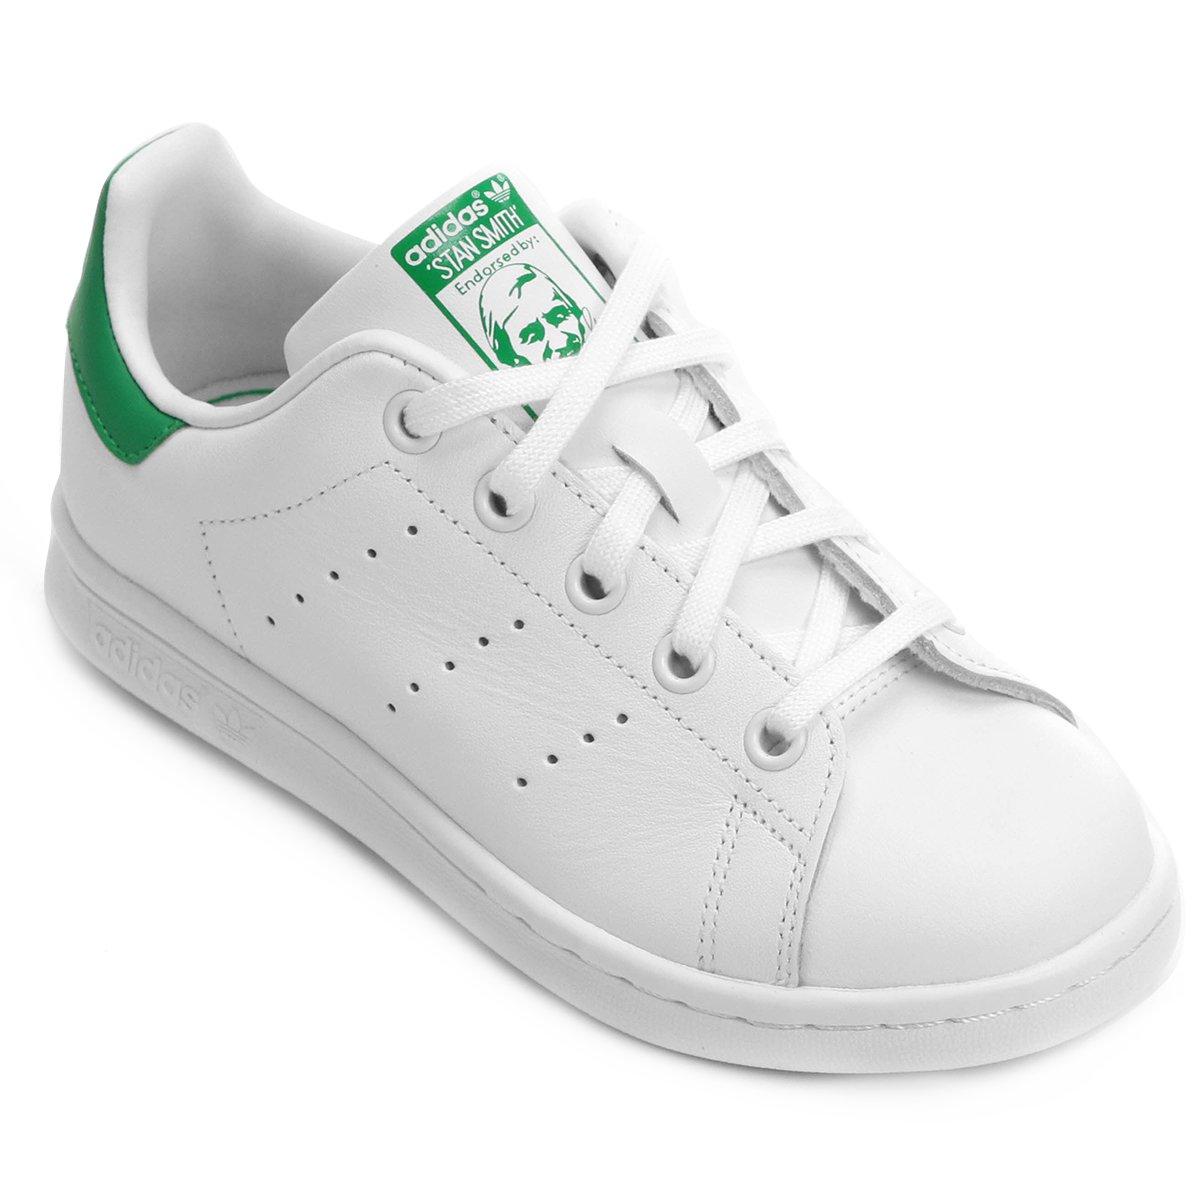 e5607a5de0 Tênis Adidas Stan Smith El C Infantil - Compre Agora